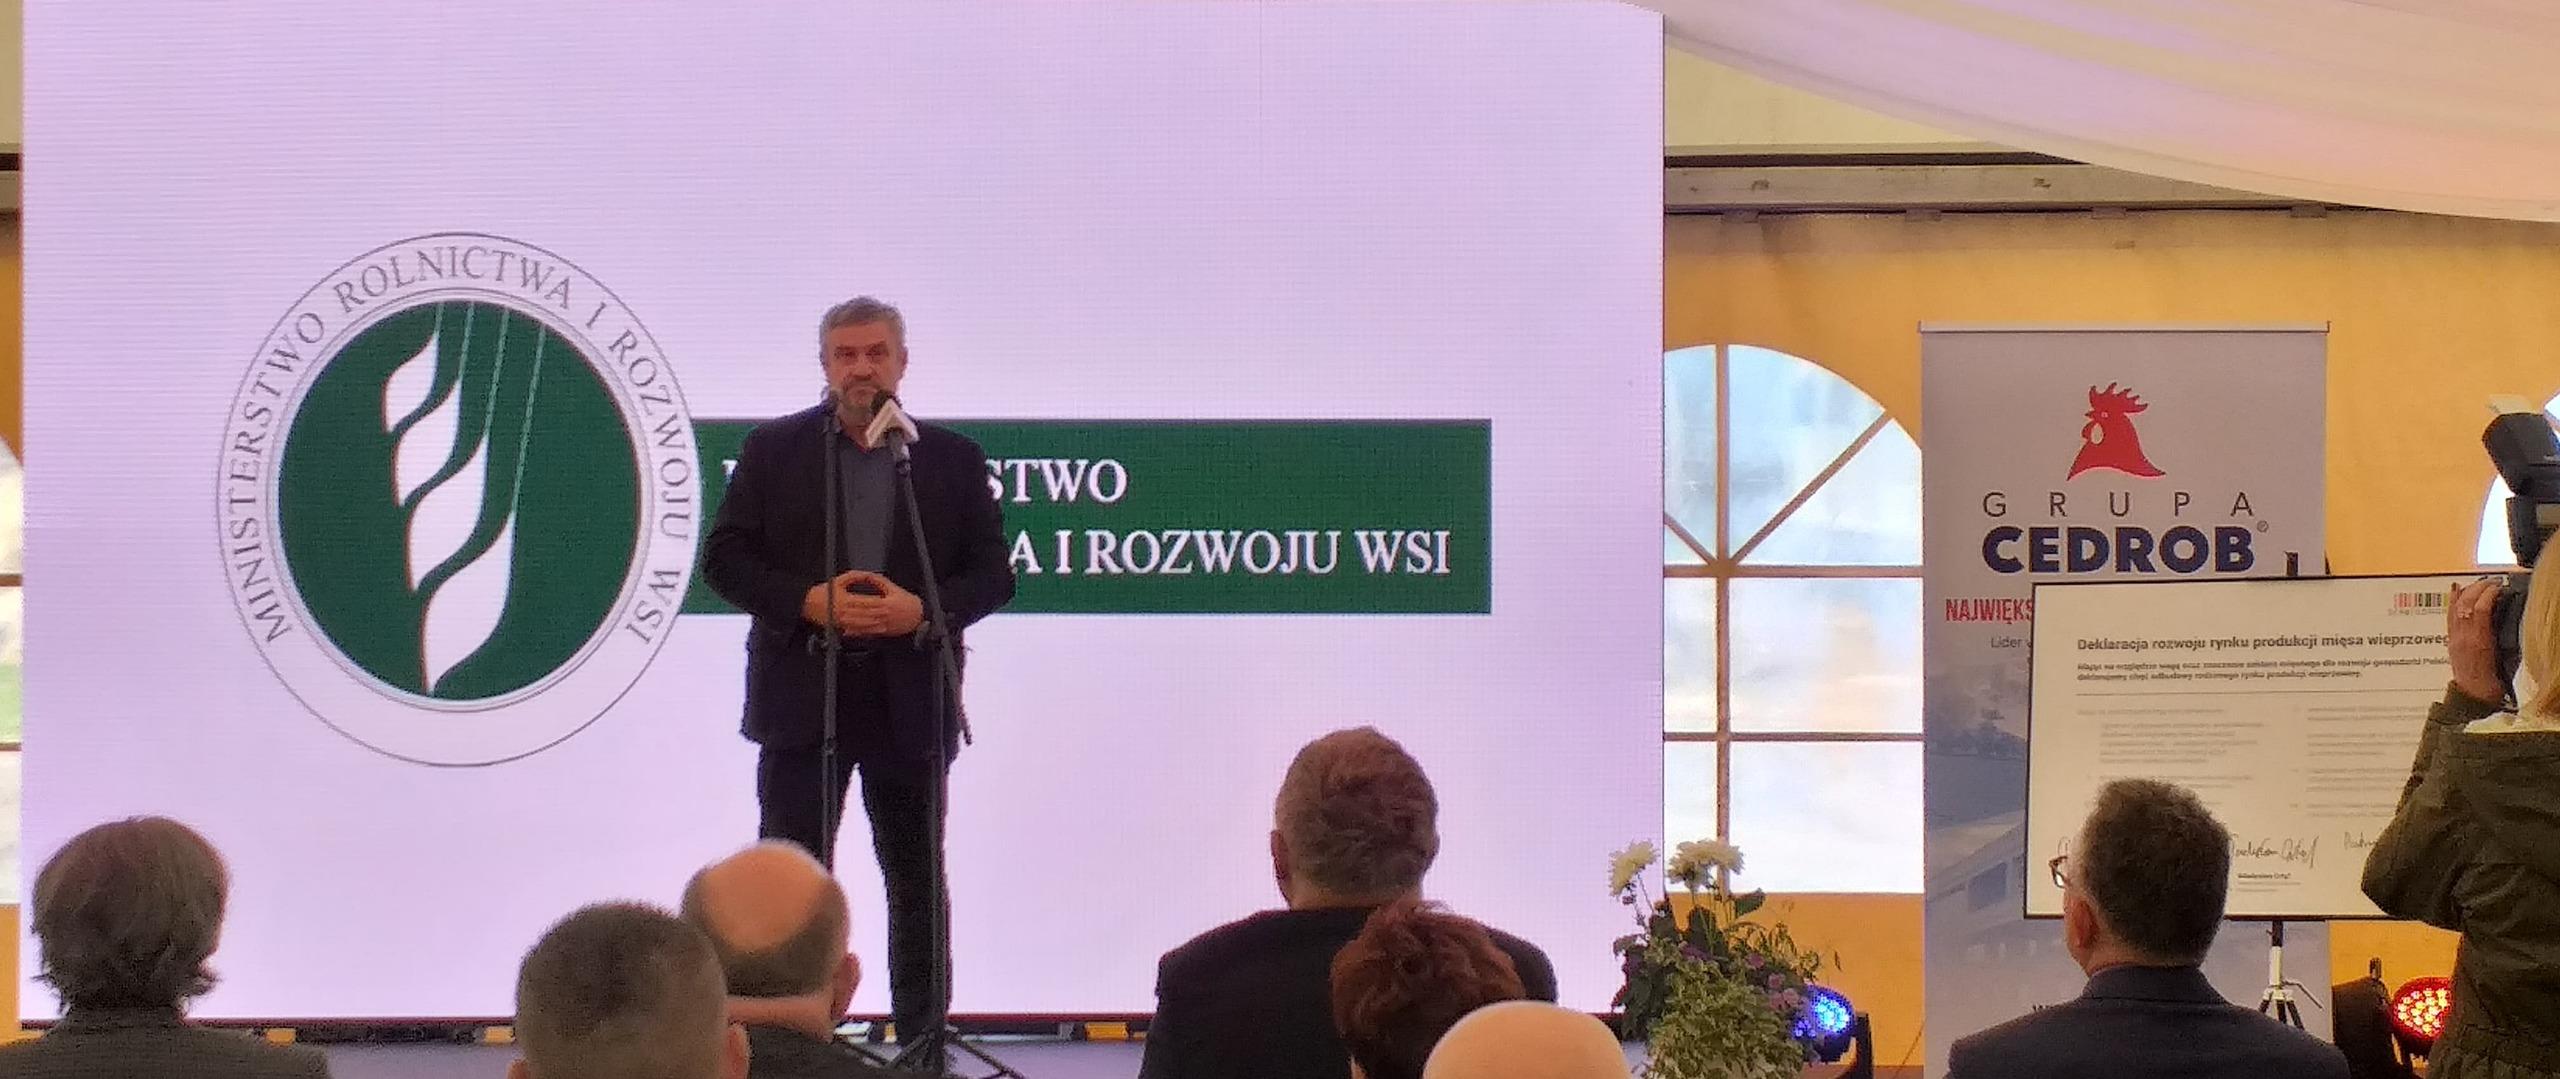 W województwie kujawsko-pomorskim o produkcji trzody chlewnej